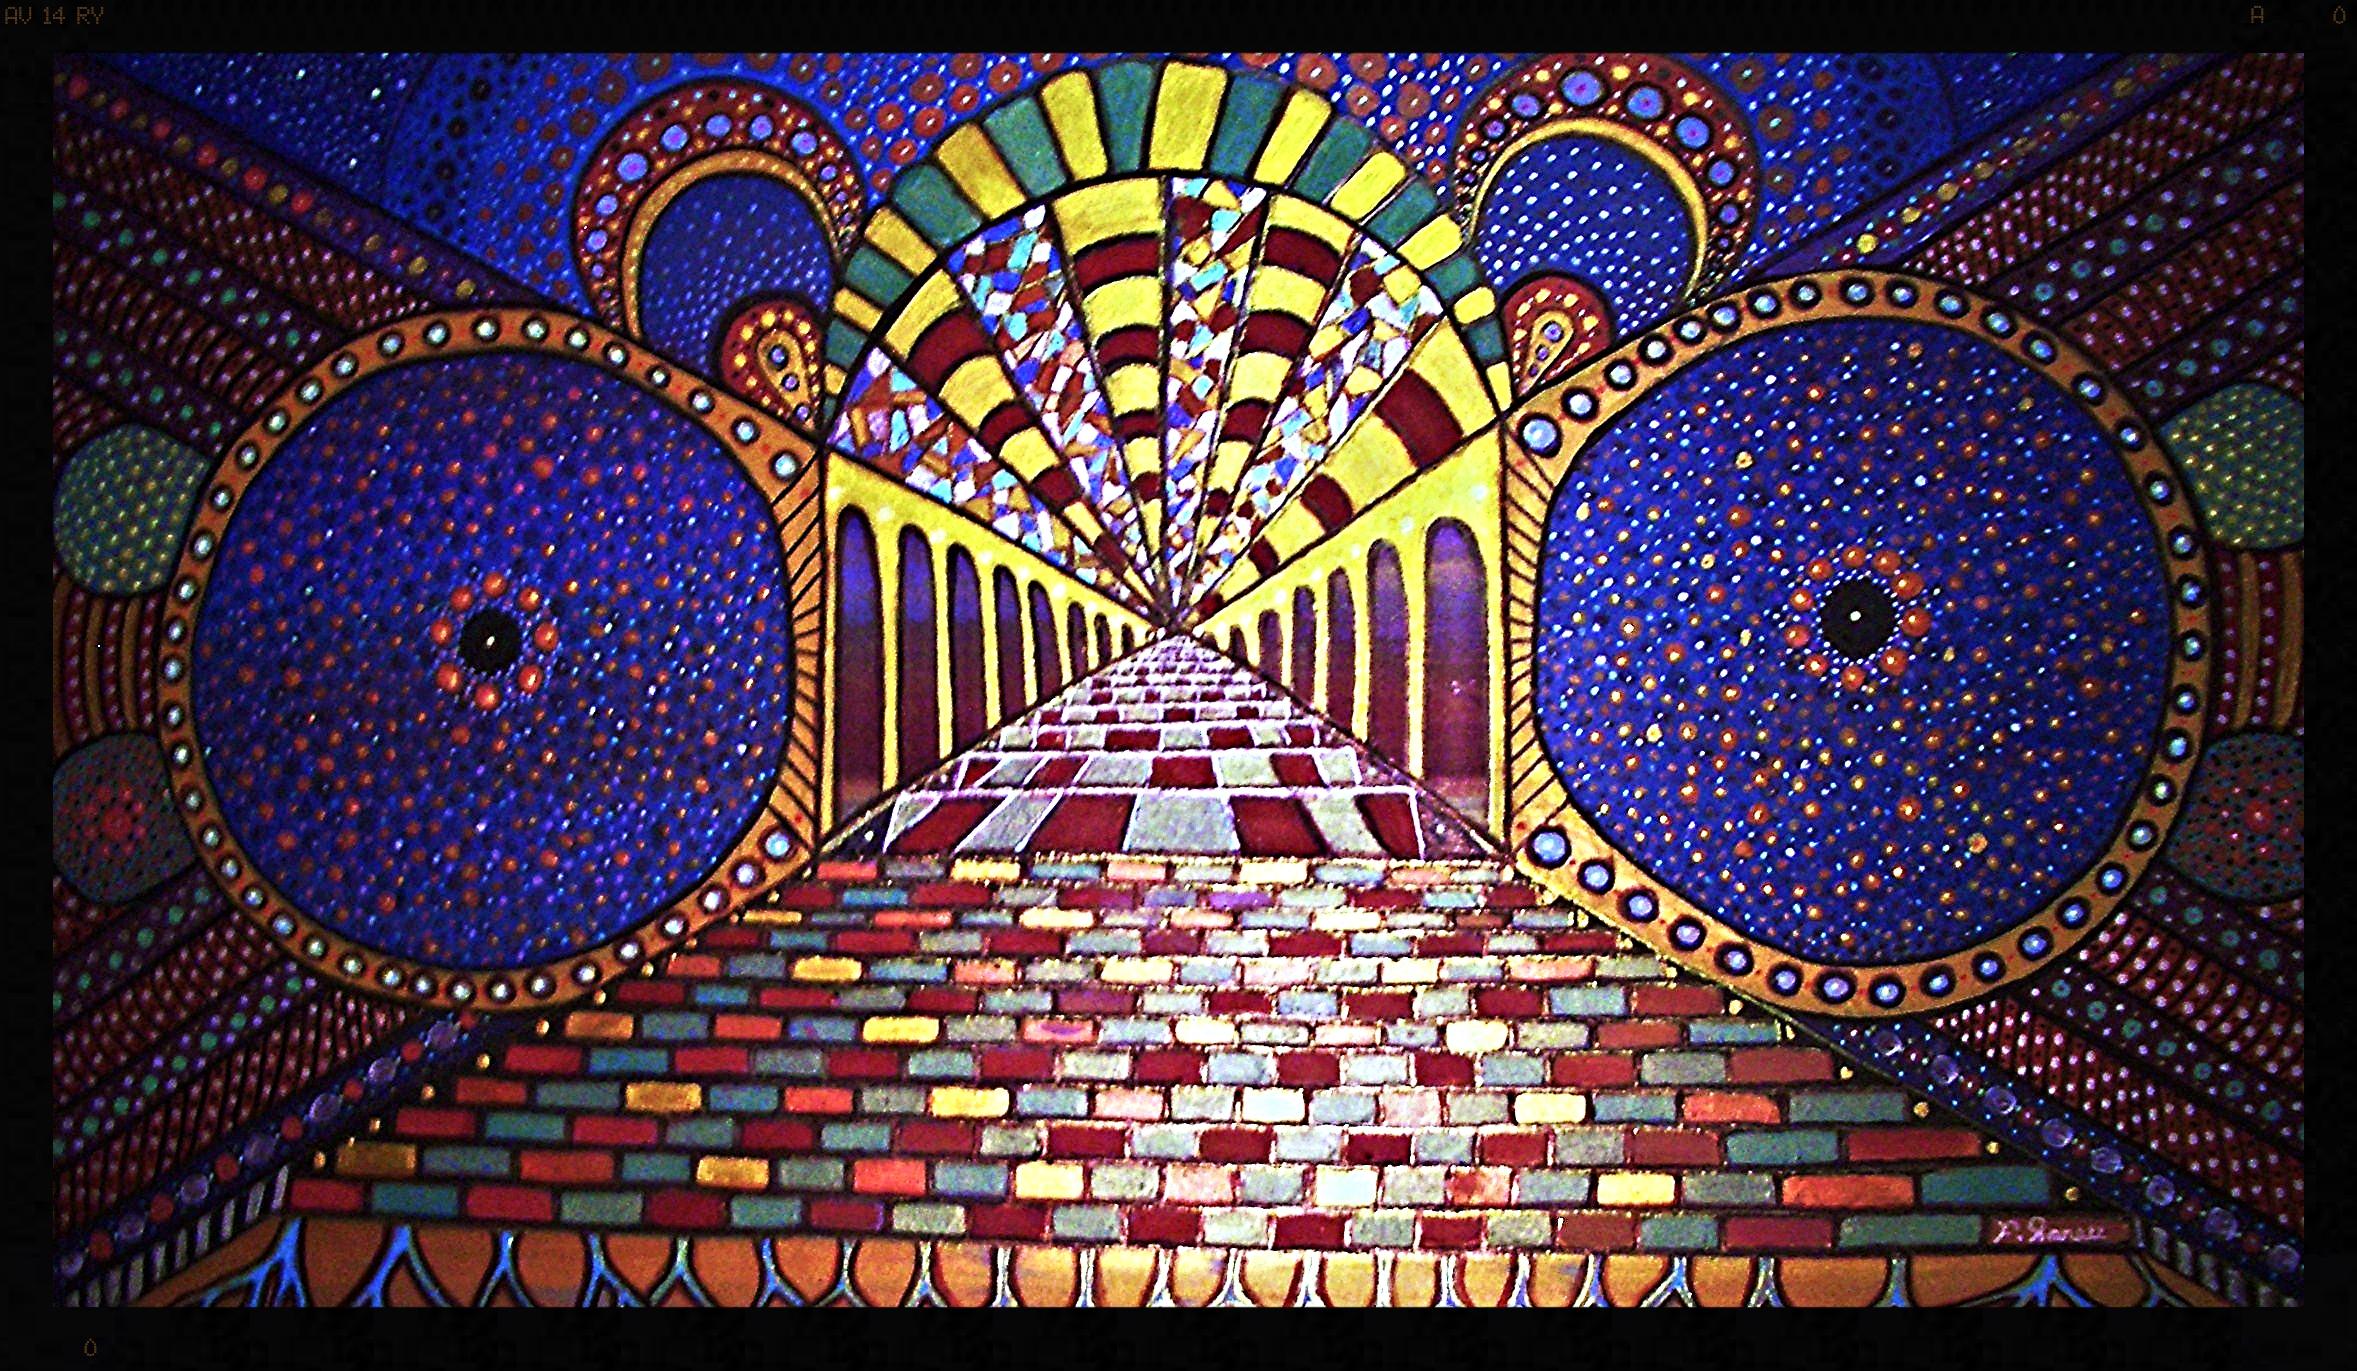 Masaüstü Boyama Pencere Gökada Gökyüzü Yıldızlar Simetri